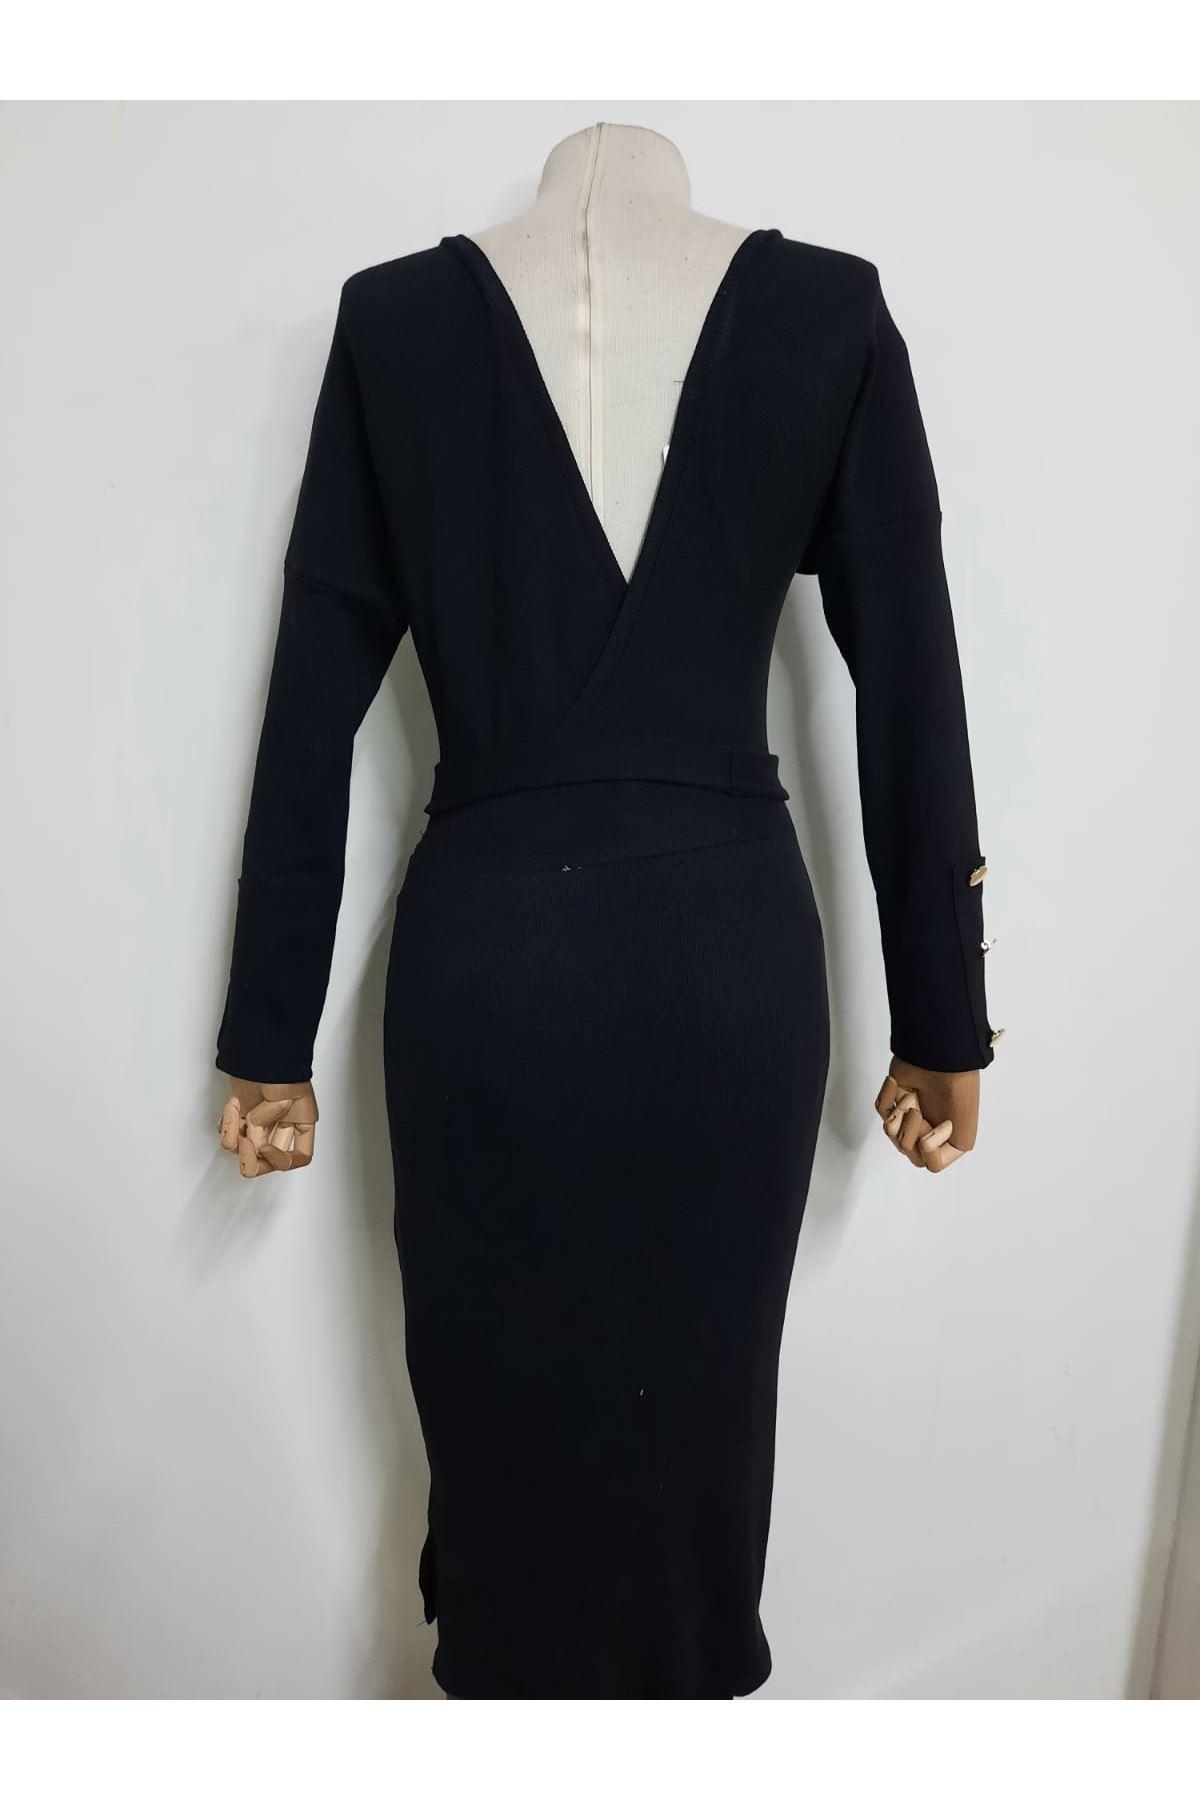 Kol Düğme Detaylı Elbise  - siyah